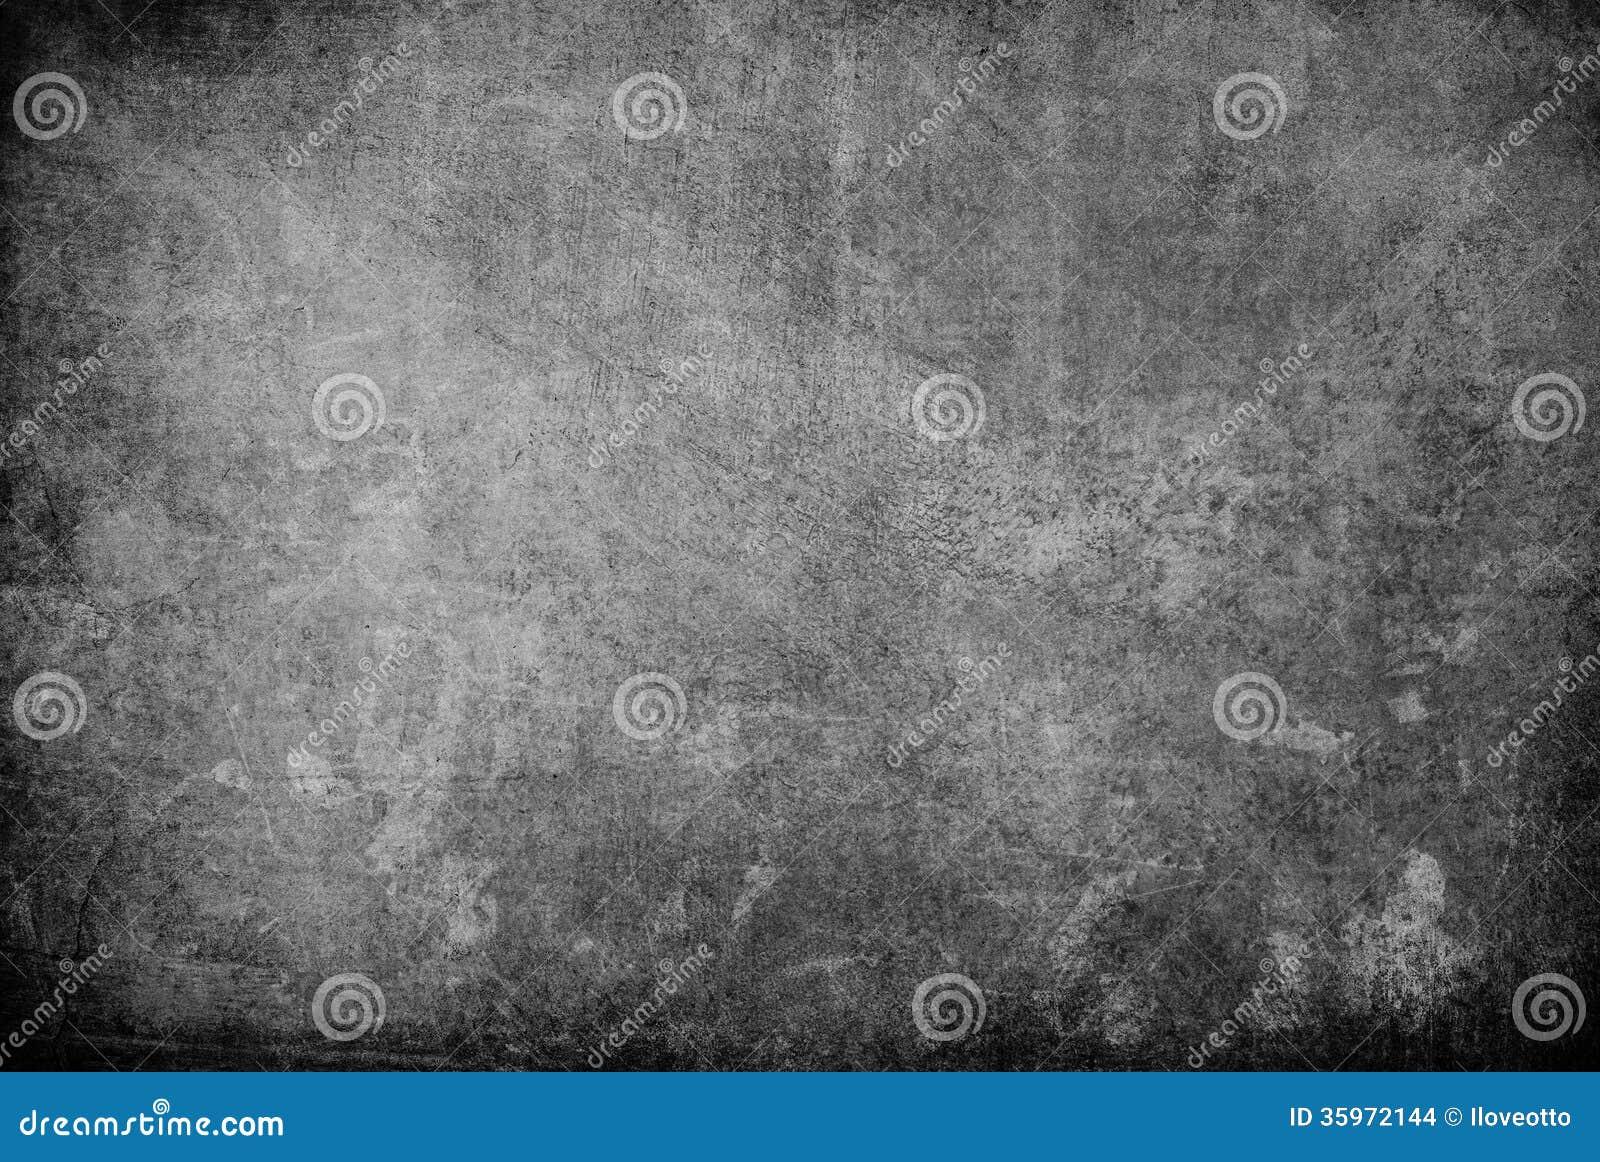 Texturas y fondos del Grunge